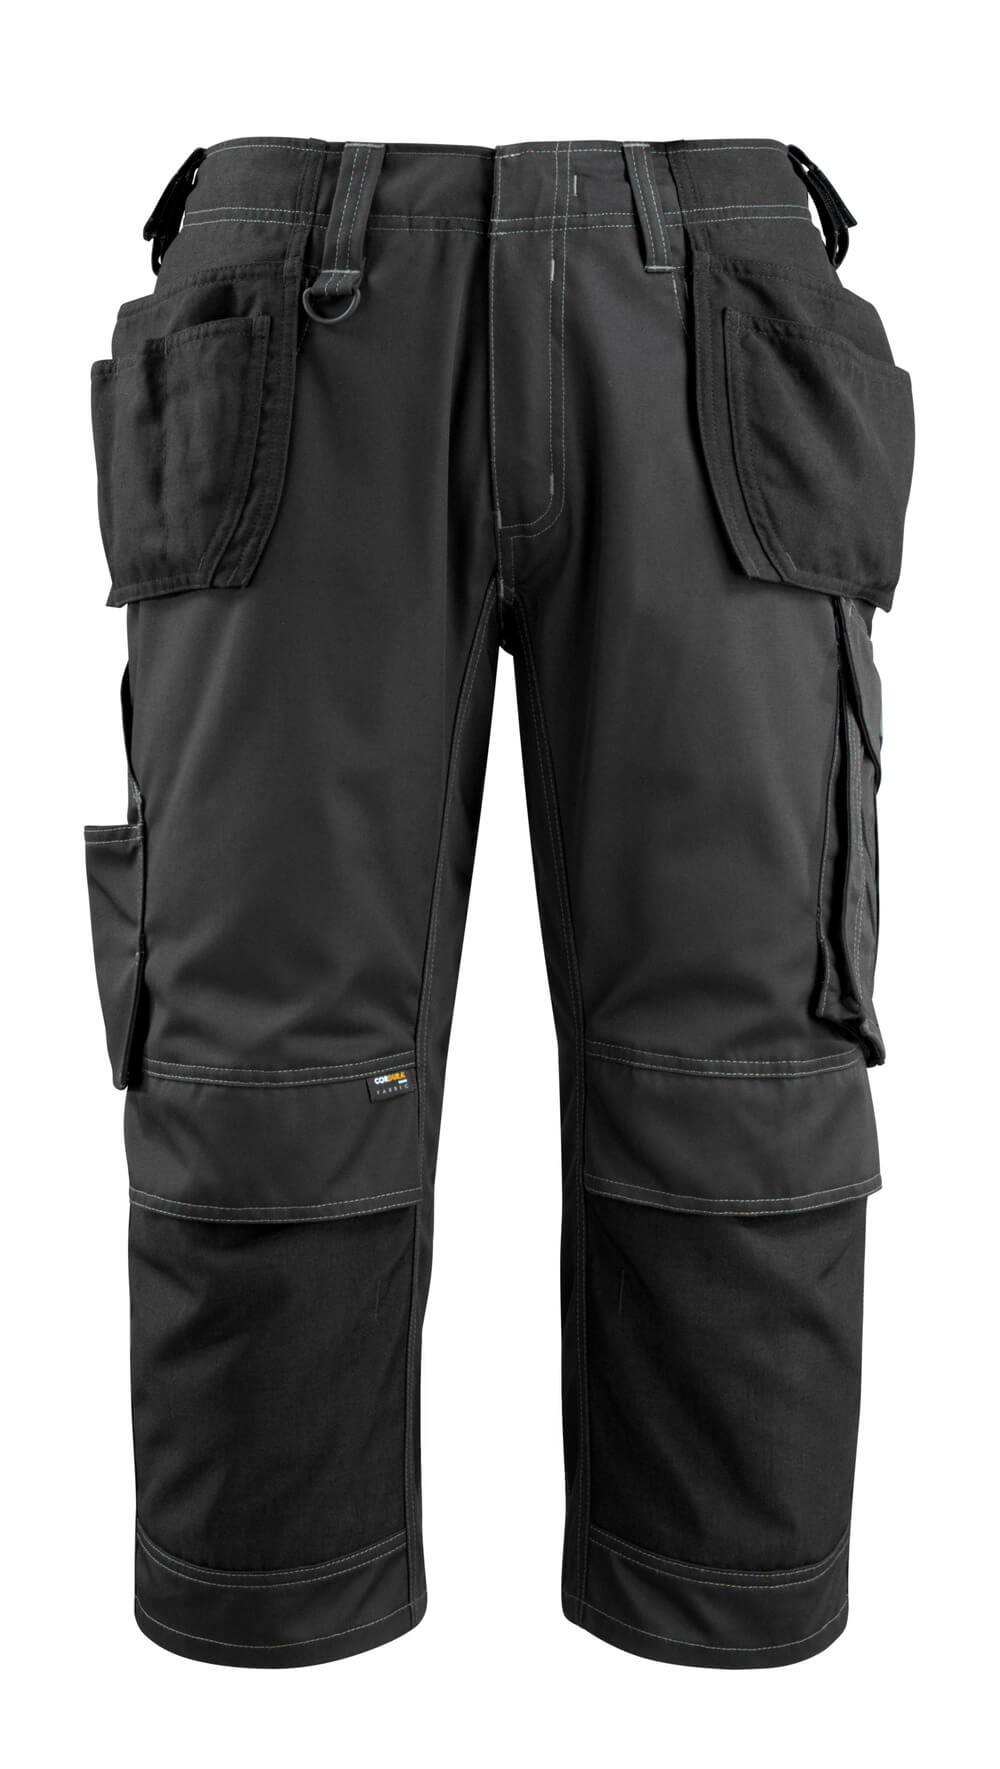 14449-442-09 Driekwart broek met spijkerzakken - zwart